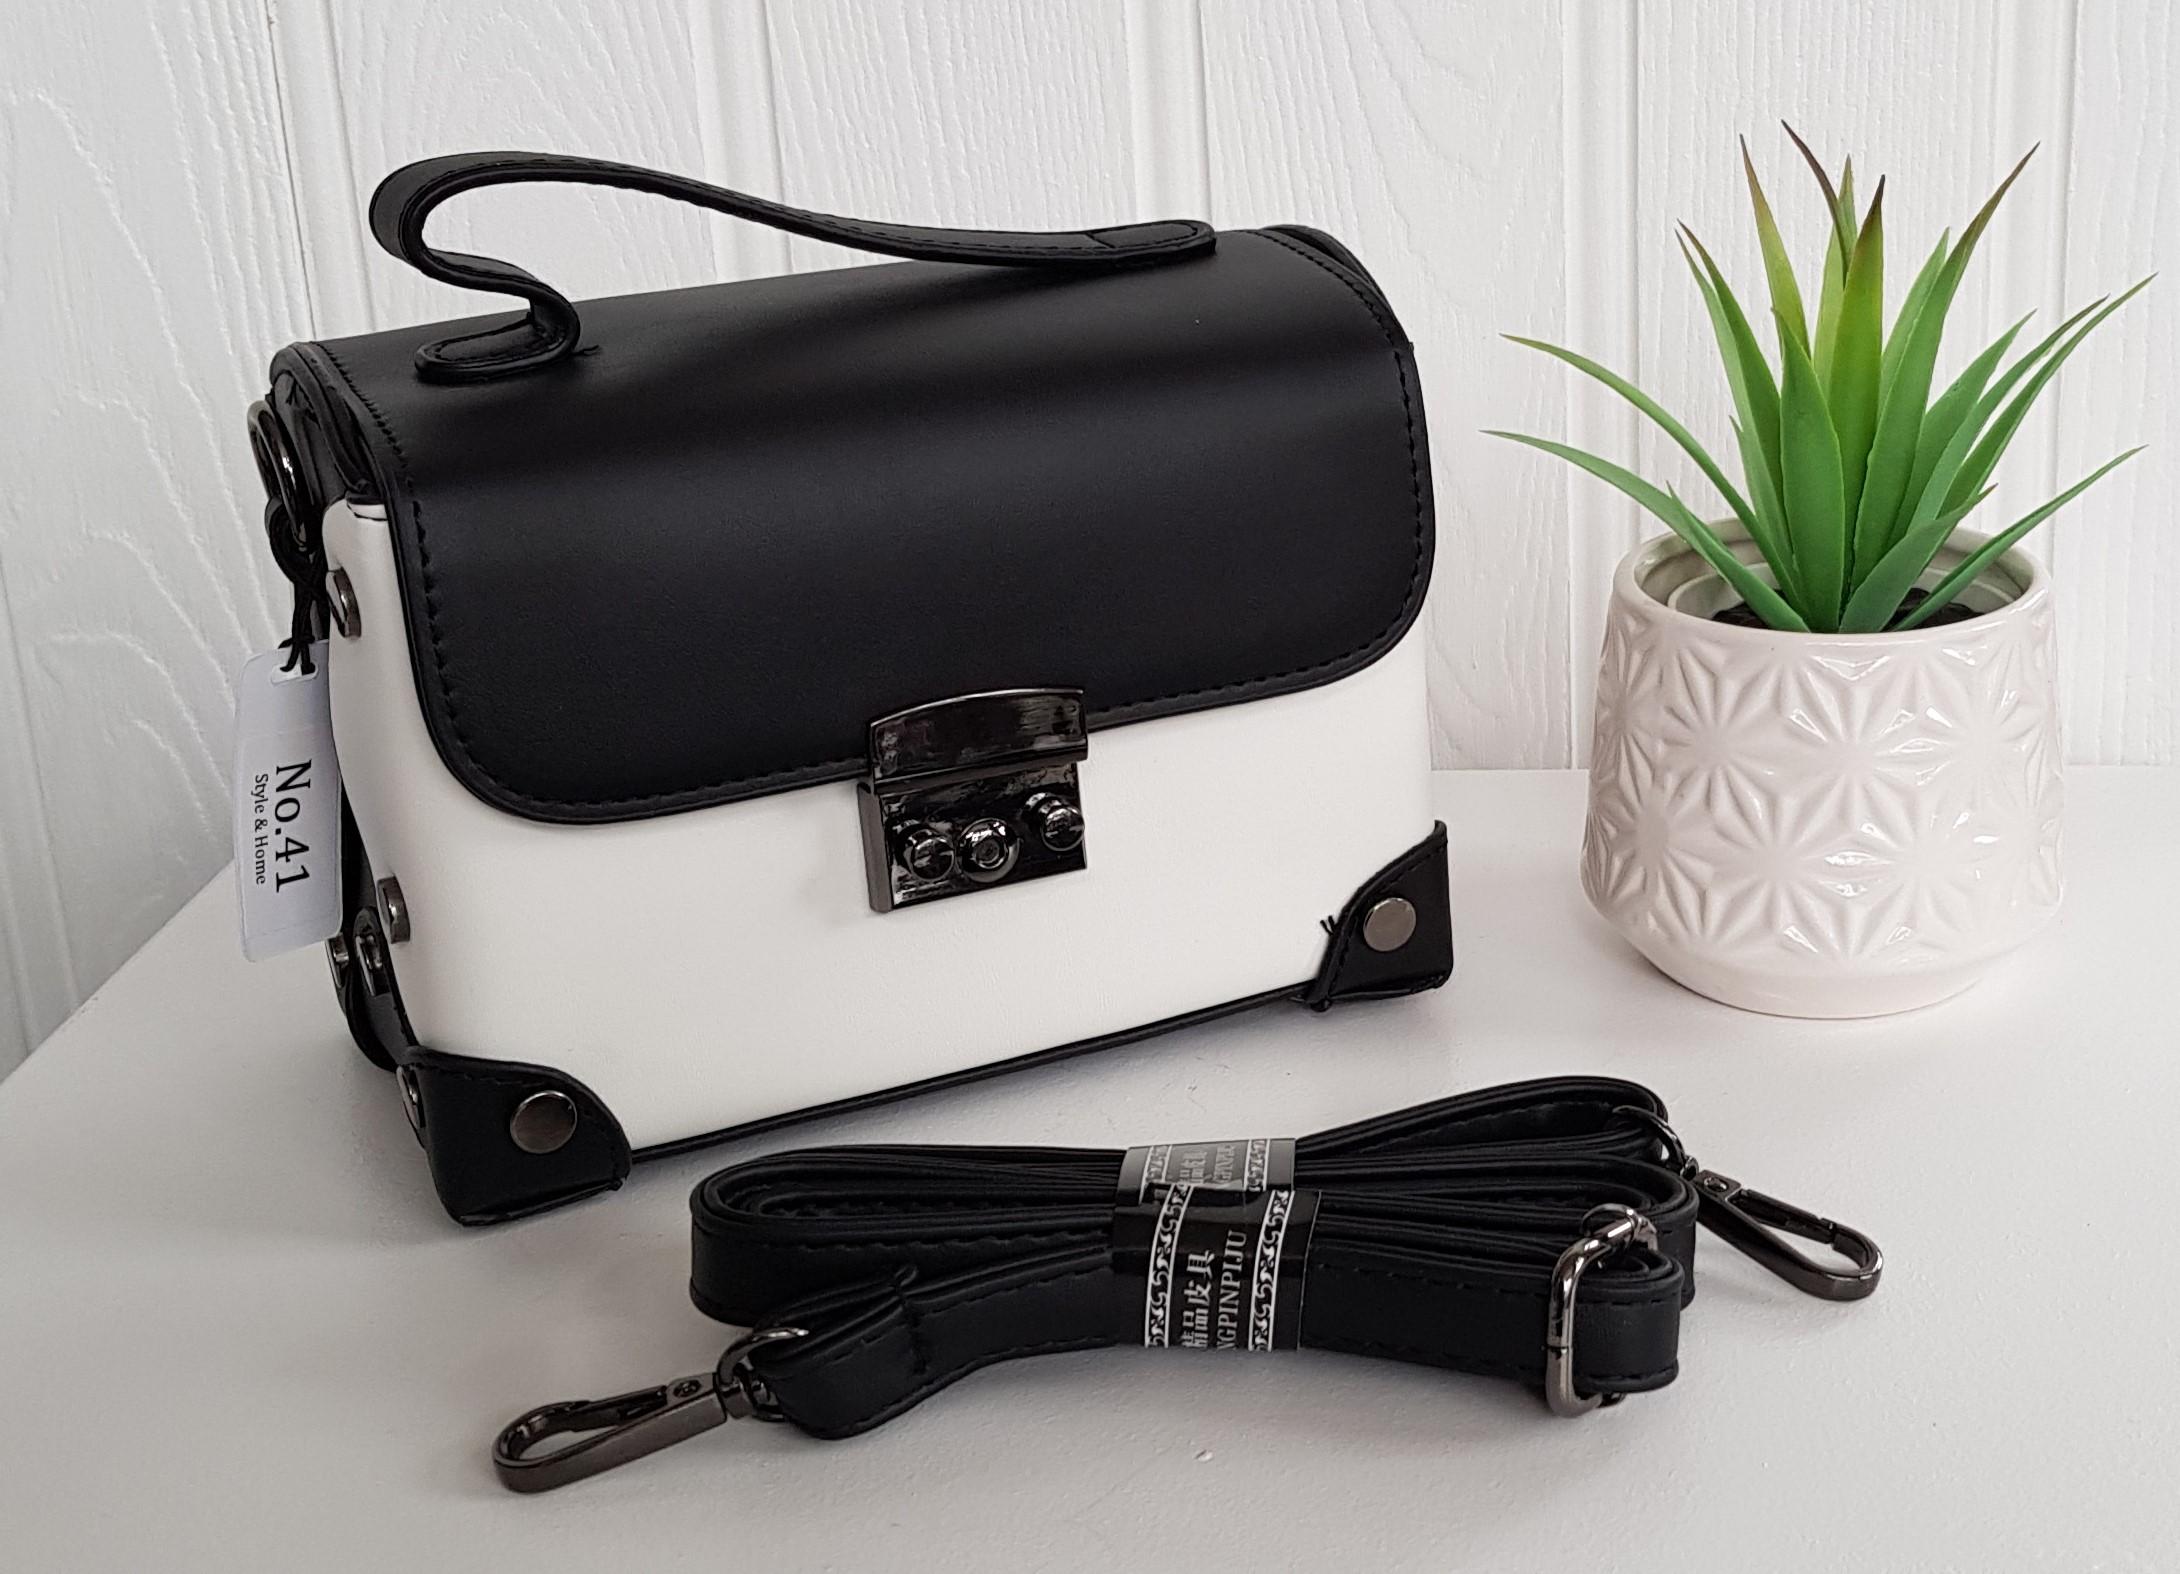 Bag - Black & White Camera Bag